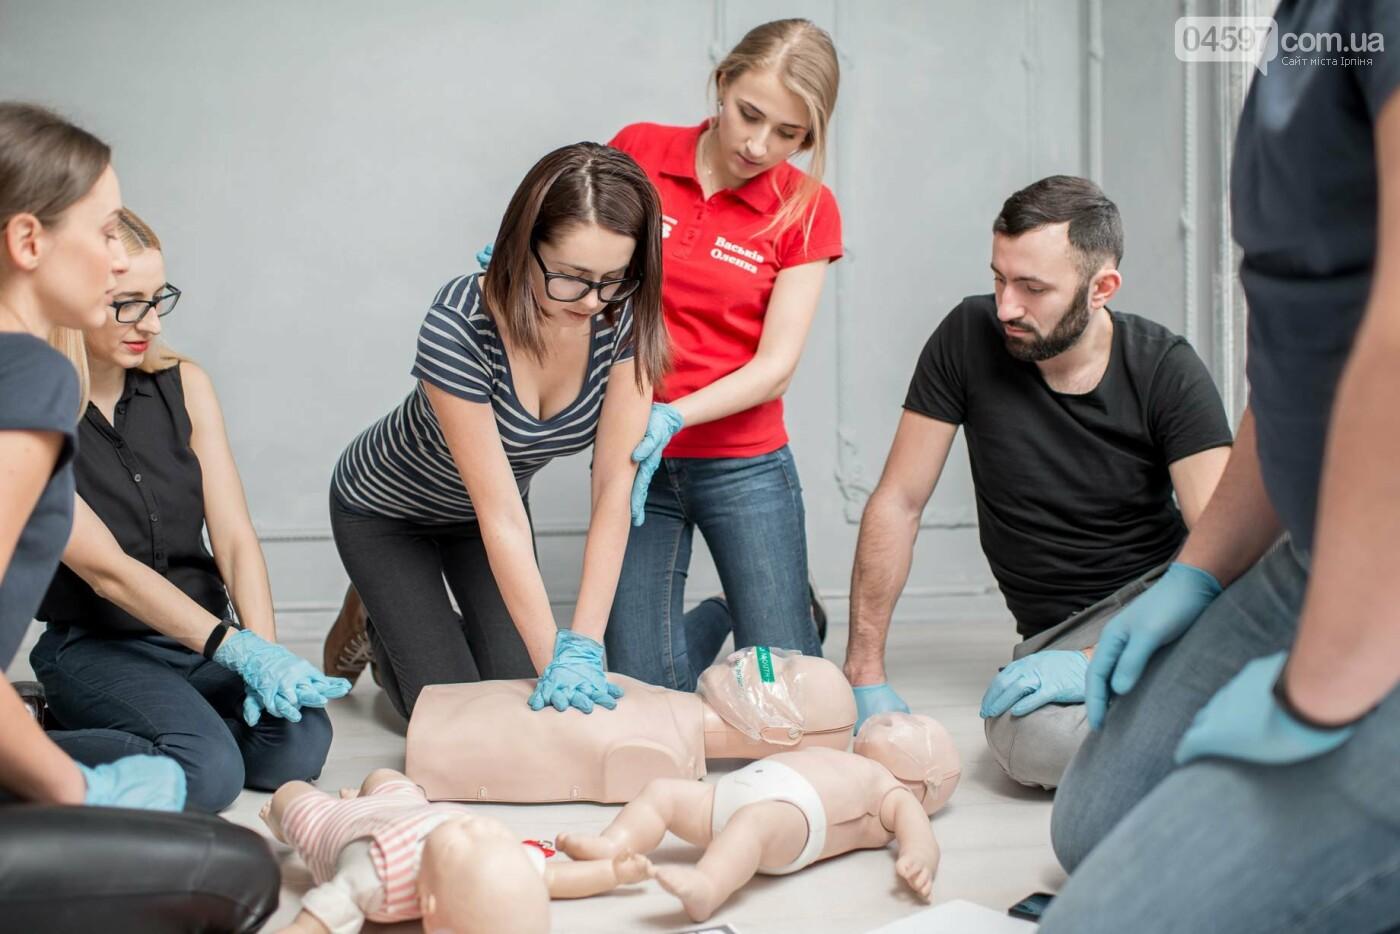 Ірпінчан запрошують на тренінг з надання першої медичної допомоги, фото-1